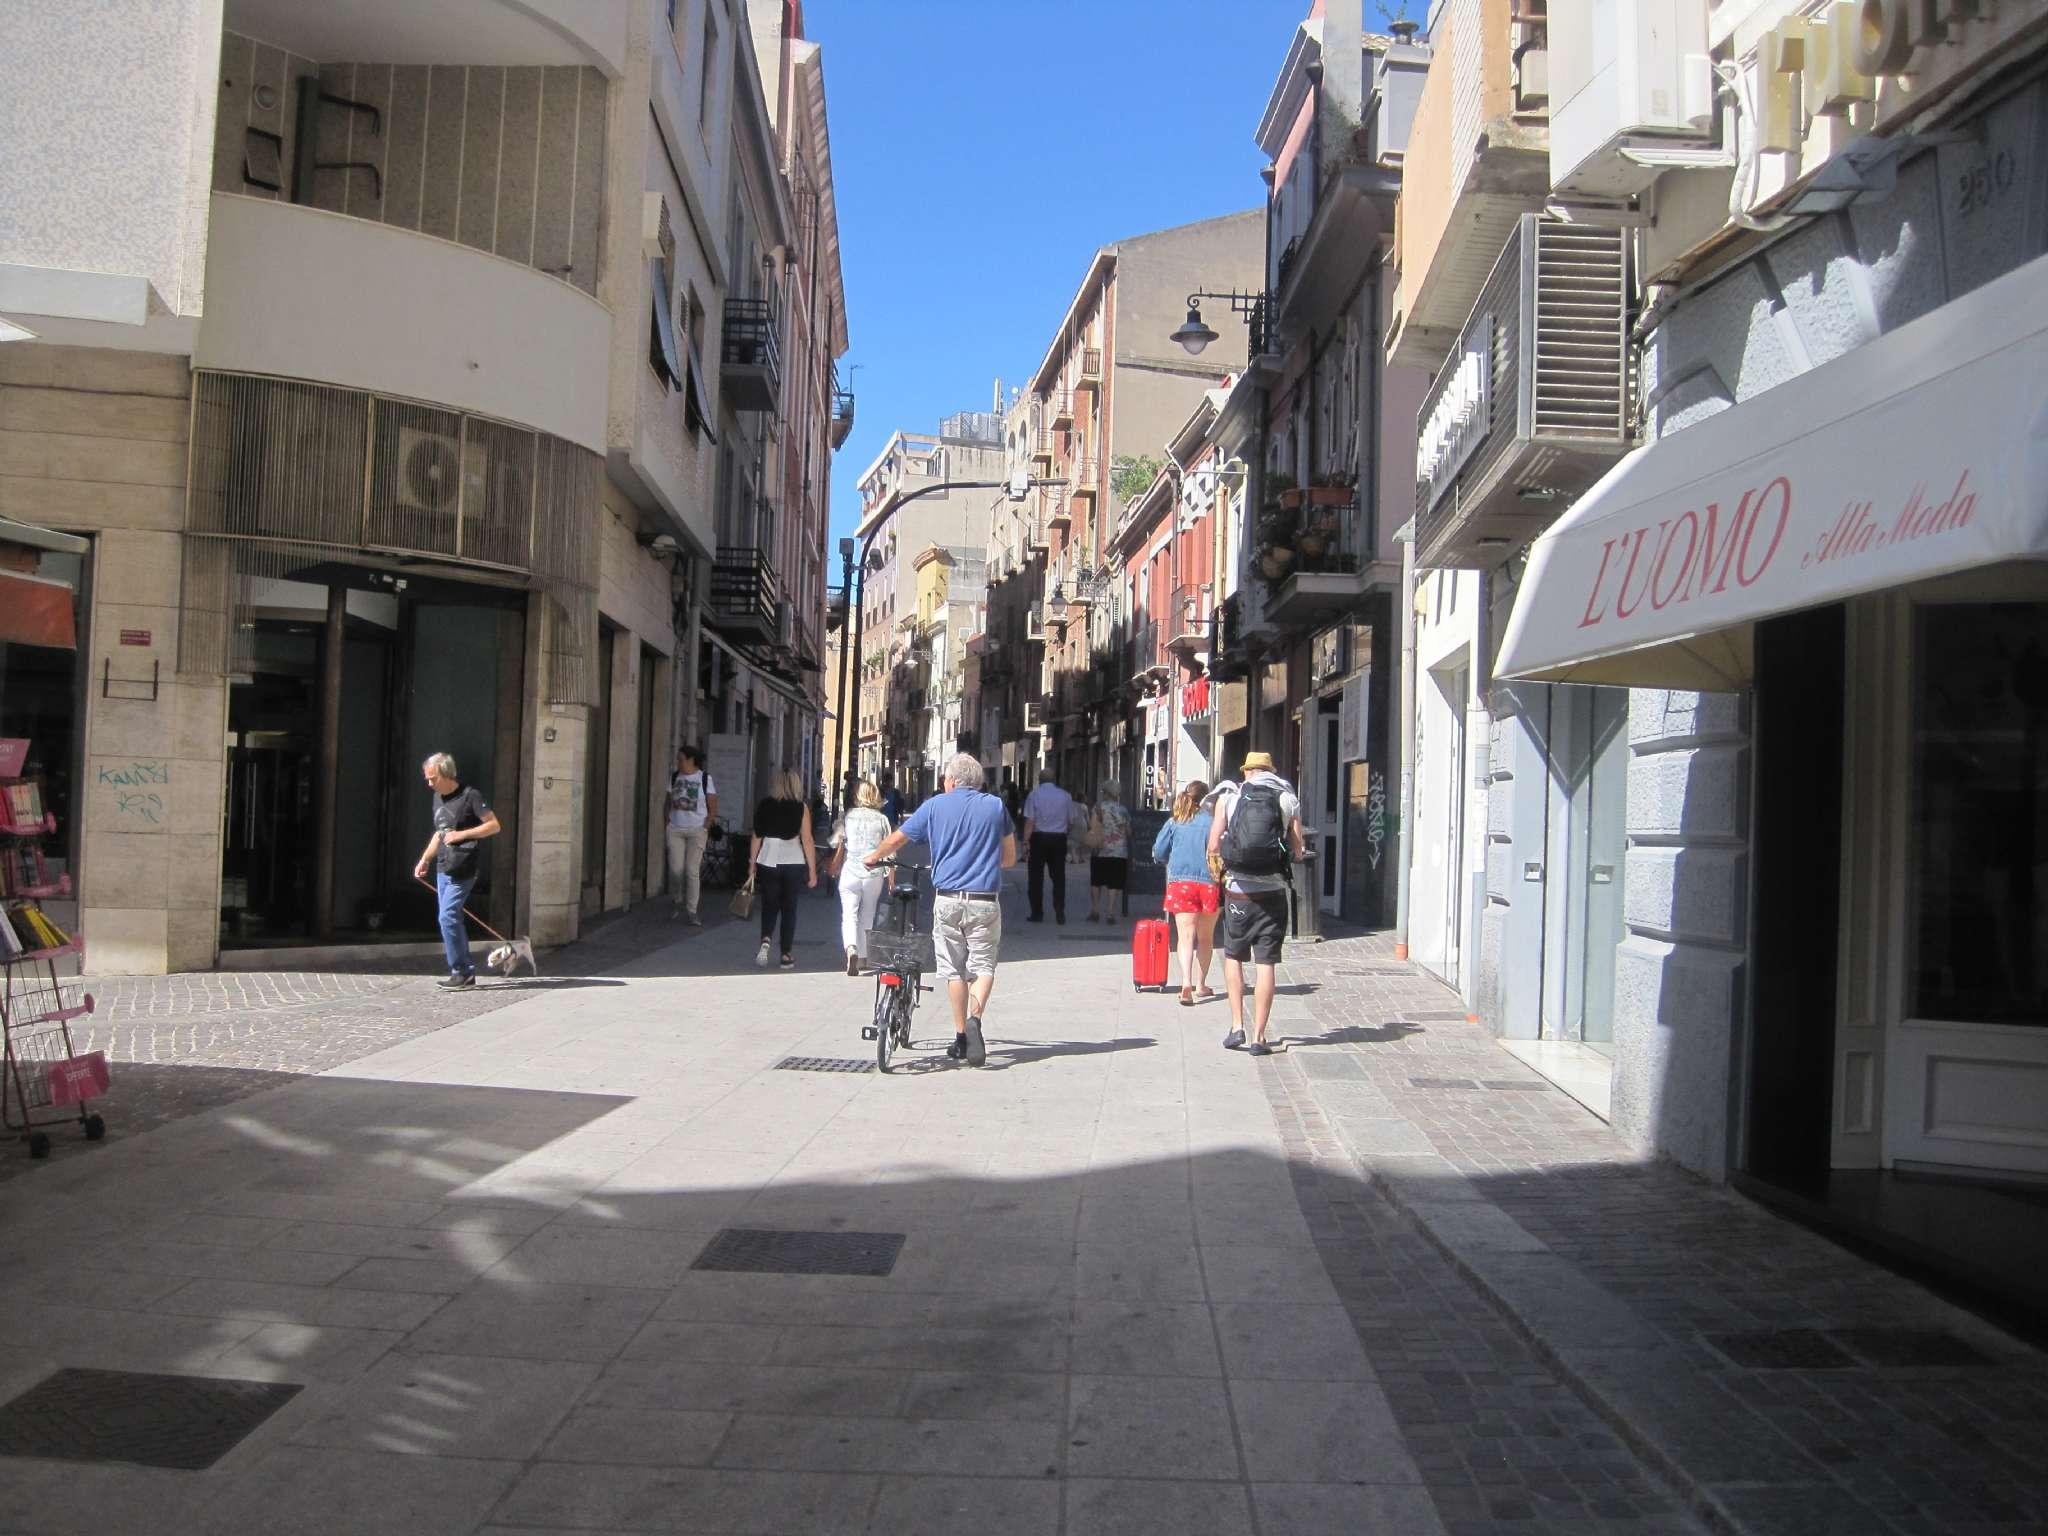 Negozio / Locale in vendita a Cagliari, 2 locali, prezzo € 250.000 | CambioCasa.it